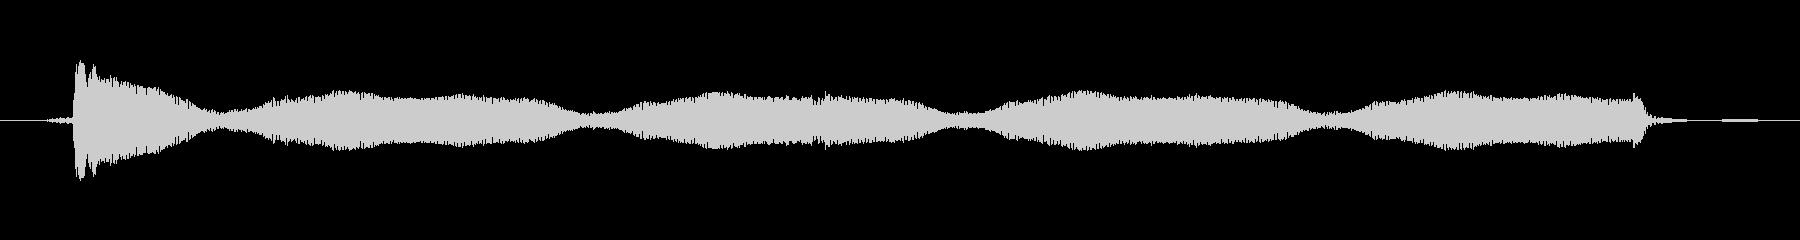 ビープ音09の未再生の波形